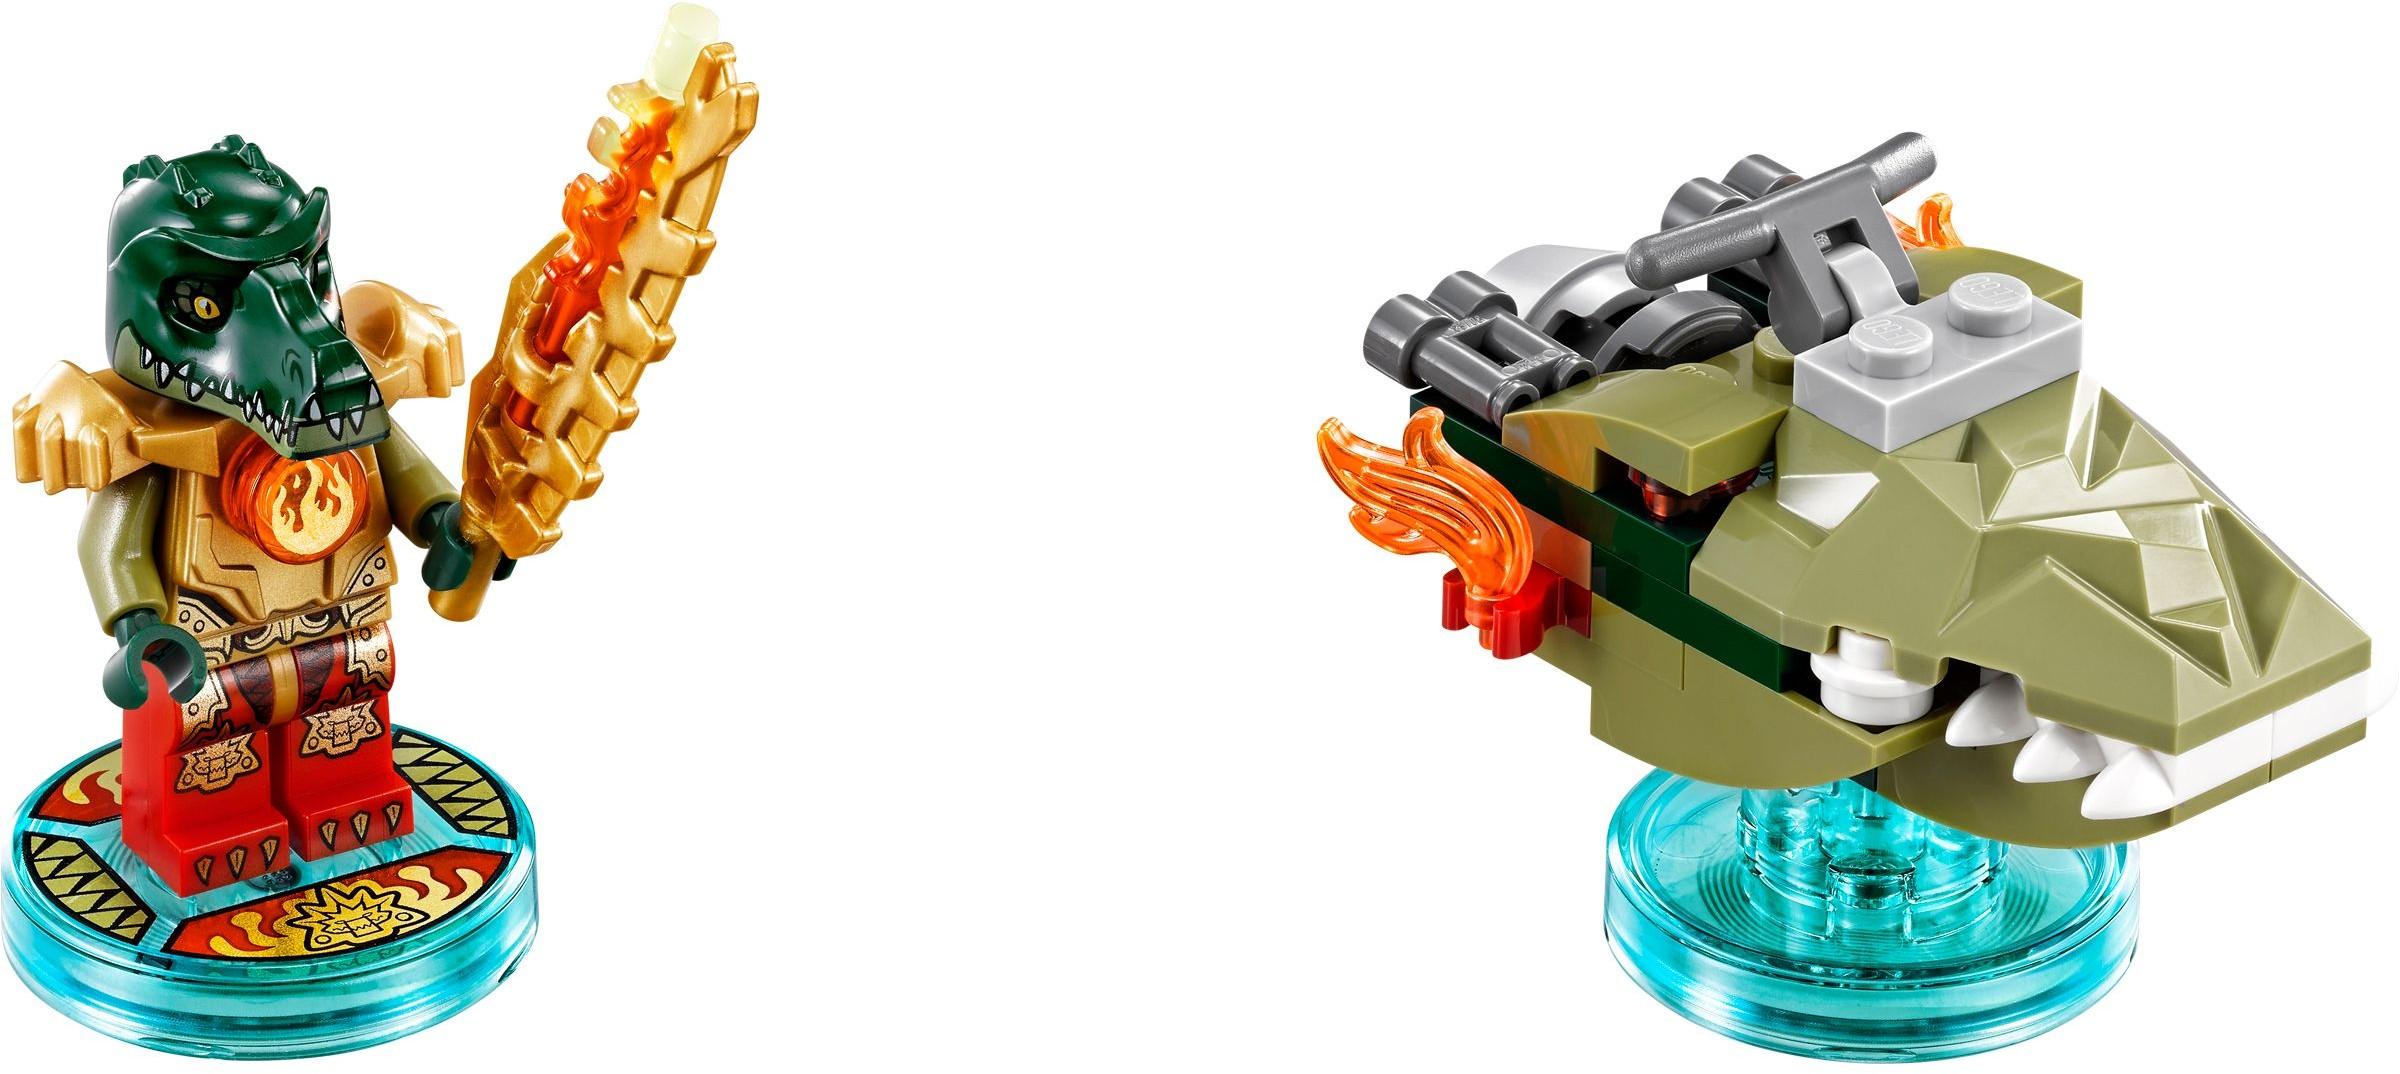 lego chima 71222 instructions